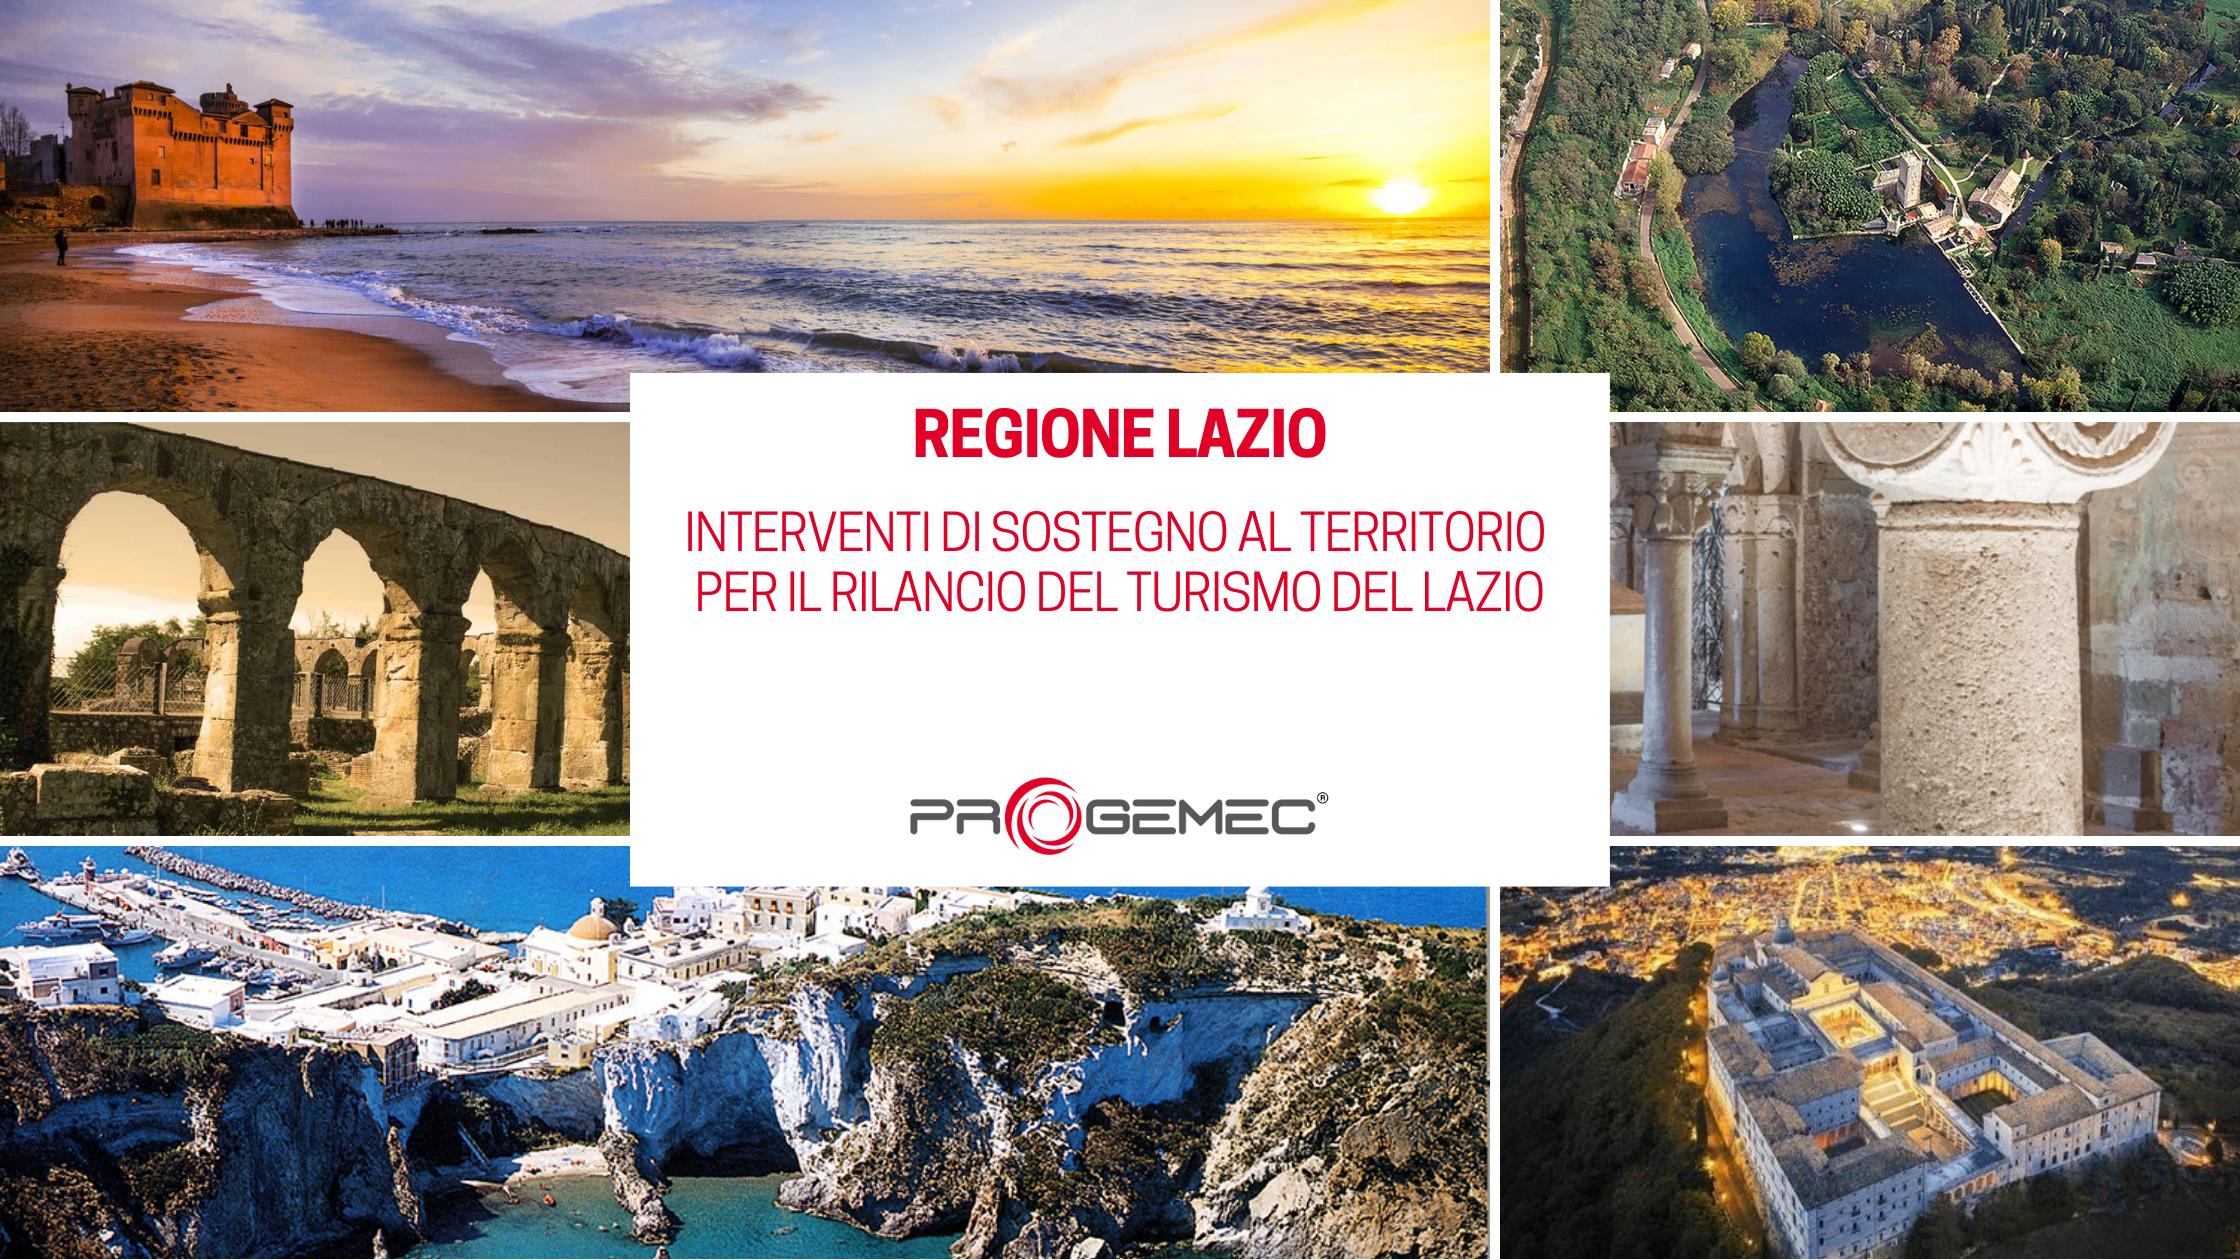 Regione Lazio: rilancio del turismo del Lazio, interventi di sostegno al territorio